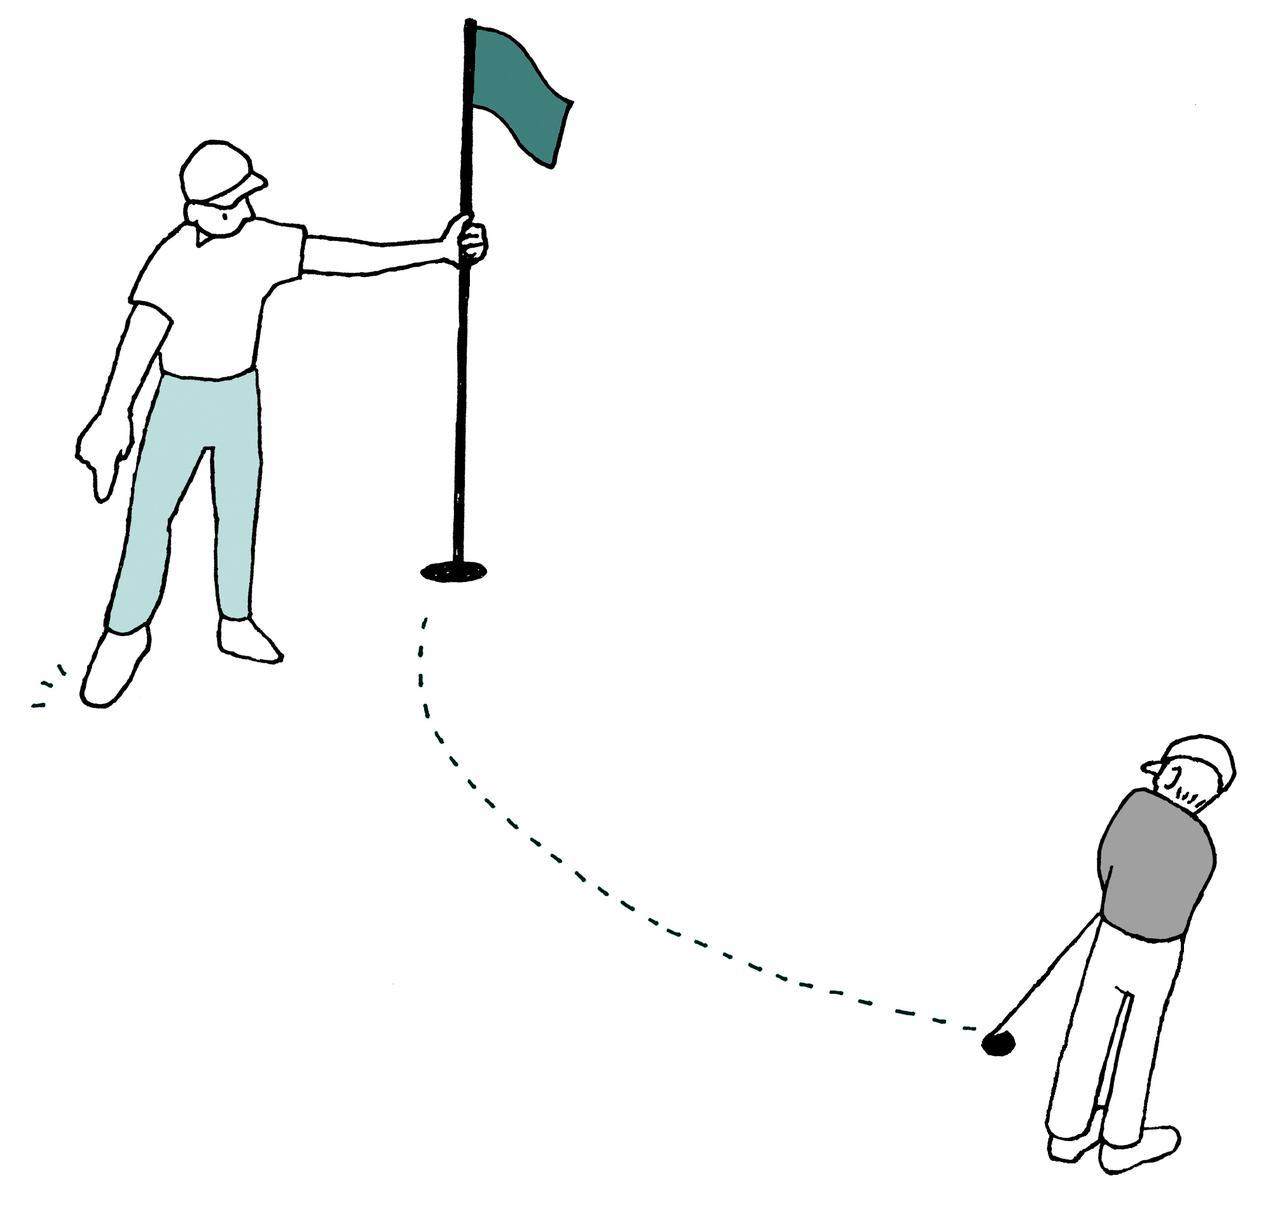 画像: 旗竿に付き添ったキャディーが、ラインの近くに立つことは例外的に認められている。しかし旗竿に付き添わないキャディーが、ストローク中に故意にラインの近くに立つのはダメ。